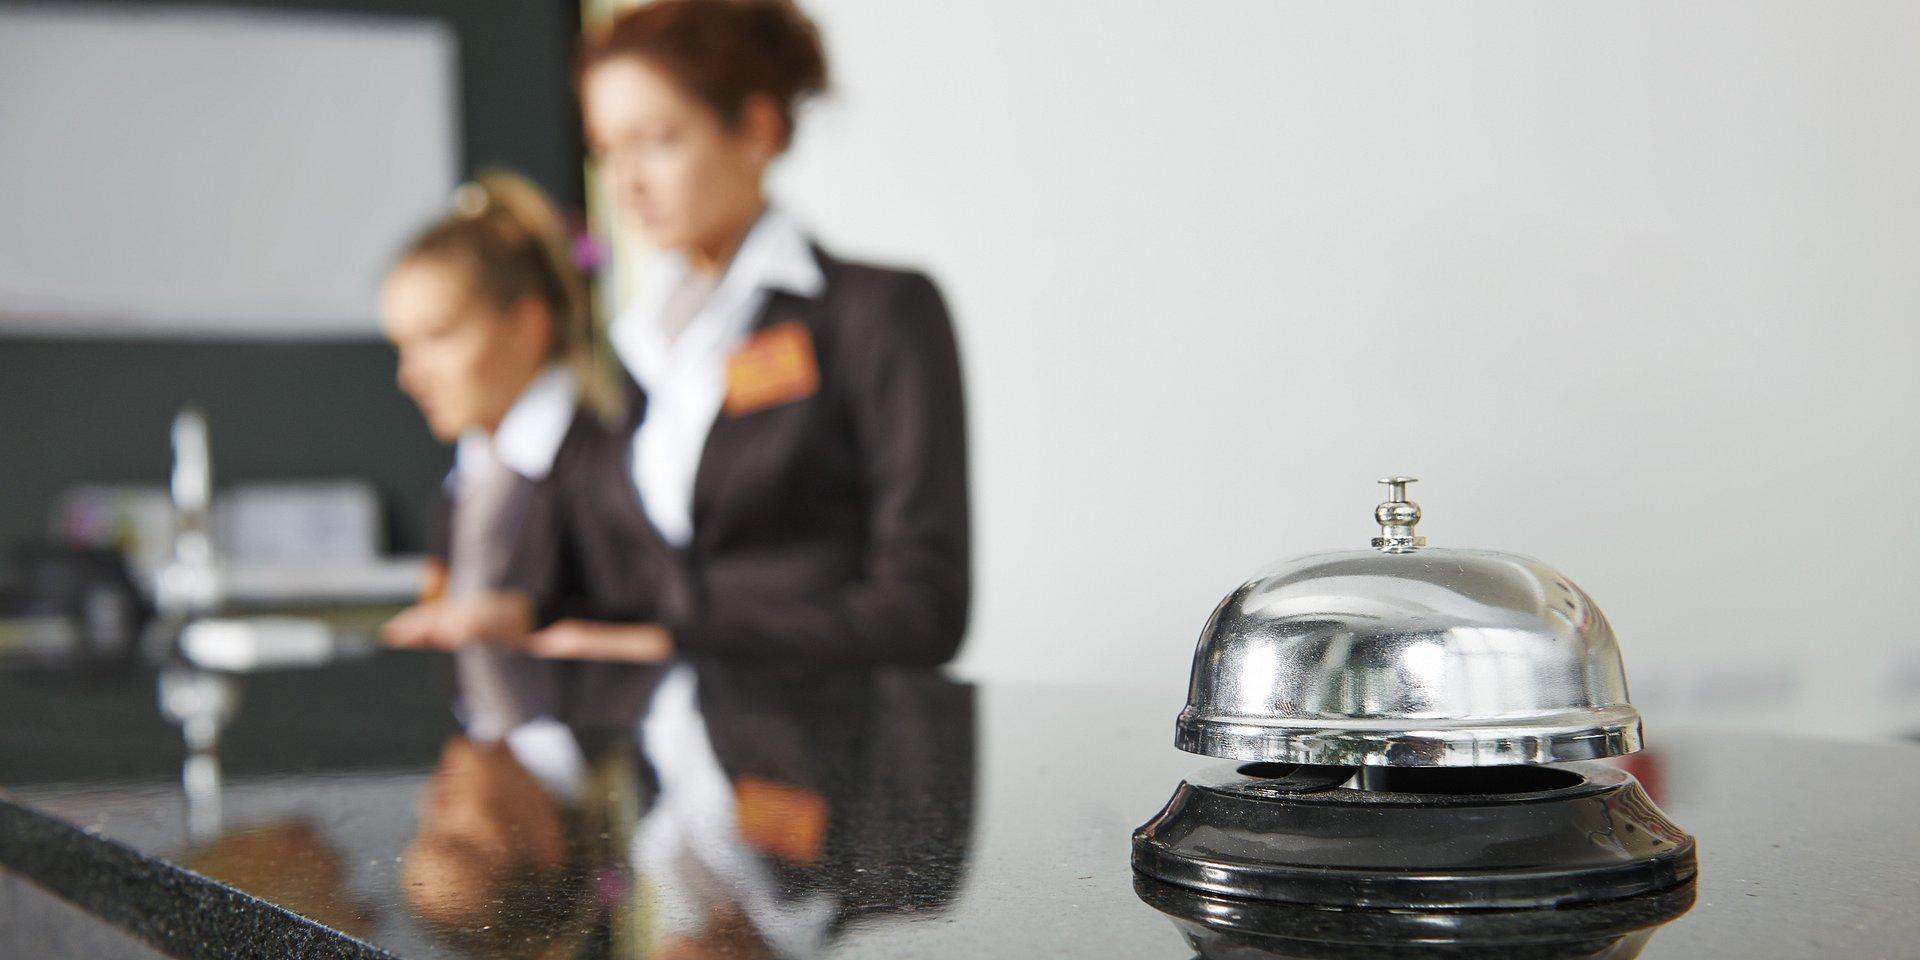 Polska najatrakcyjniejszym miejscem do inwestycji w hotele w Europie Środkowo-Wschodniej